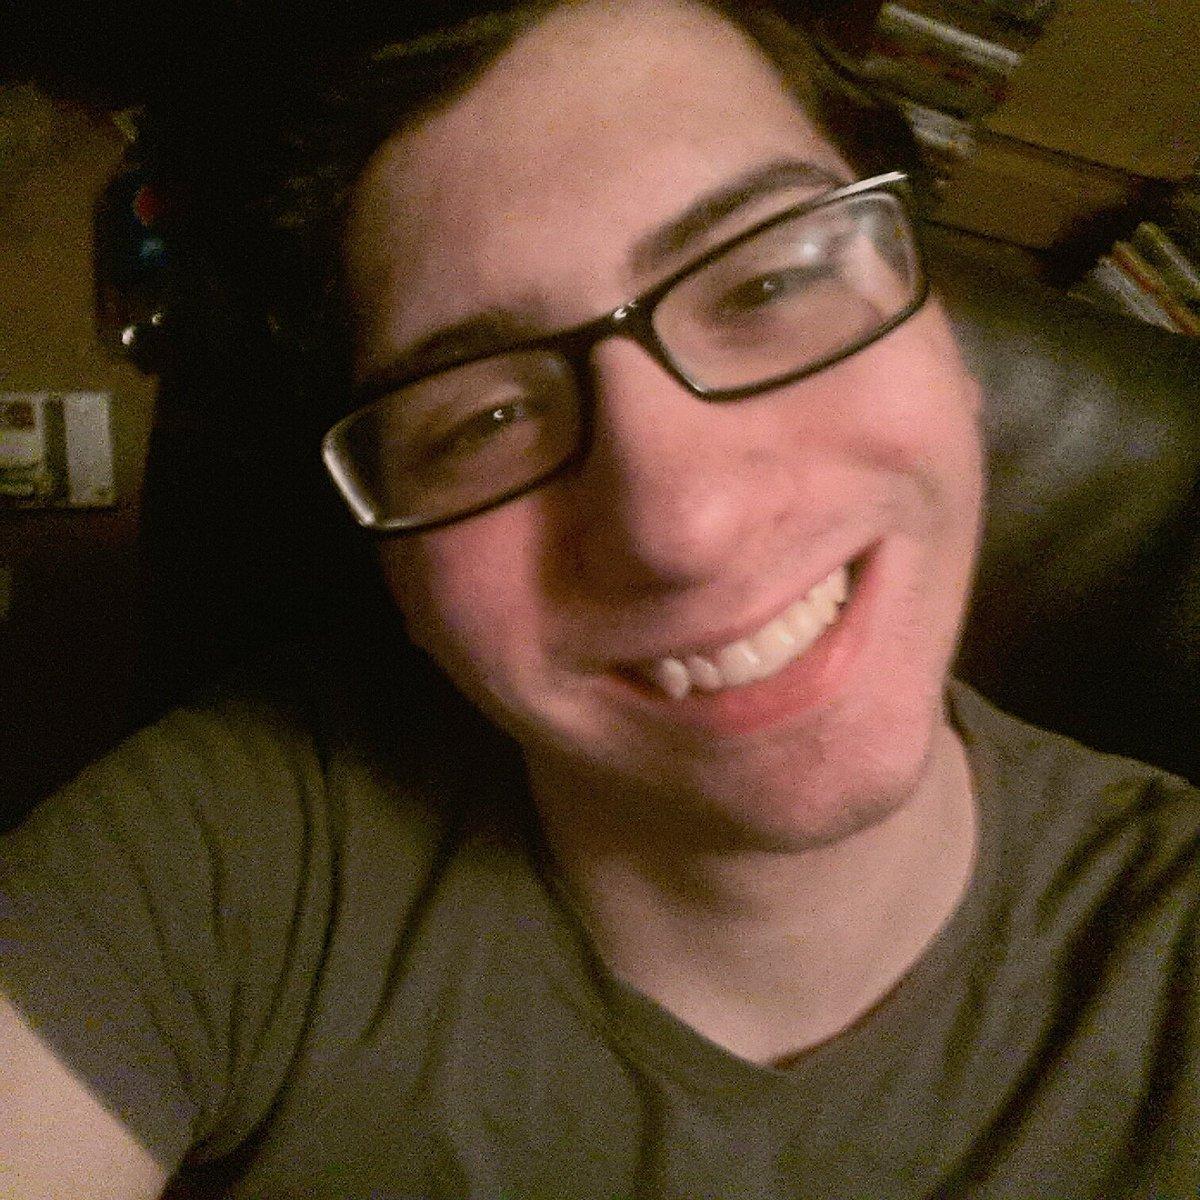 Chris tucker gay